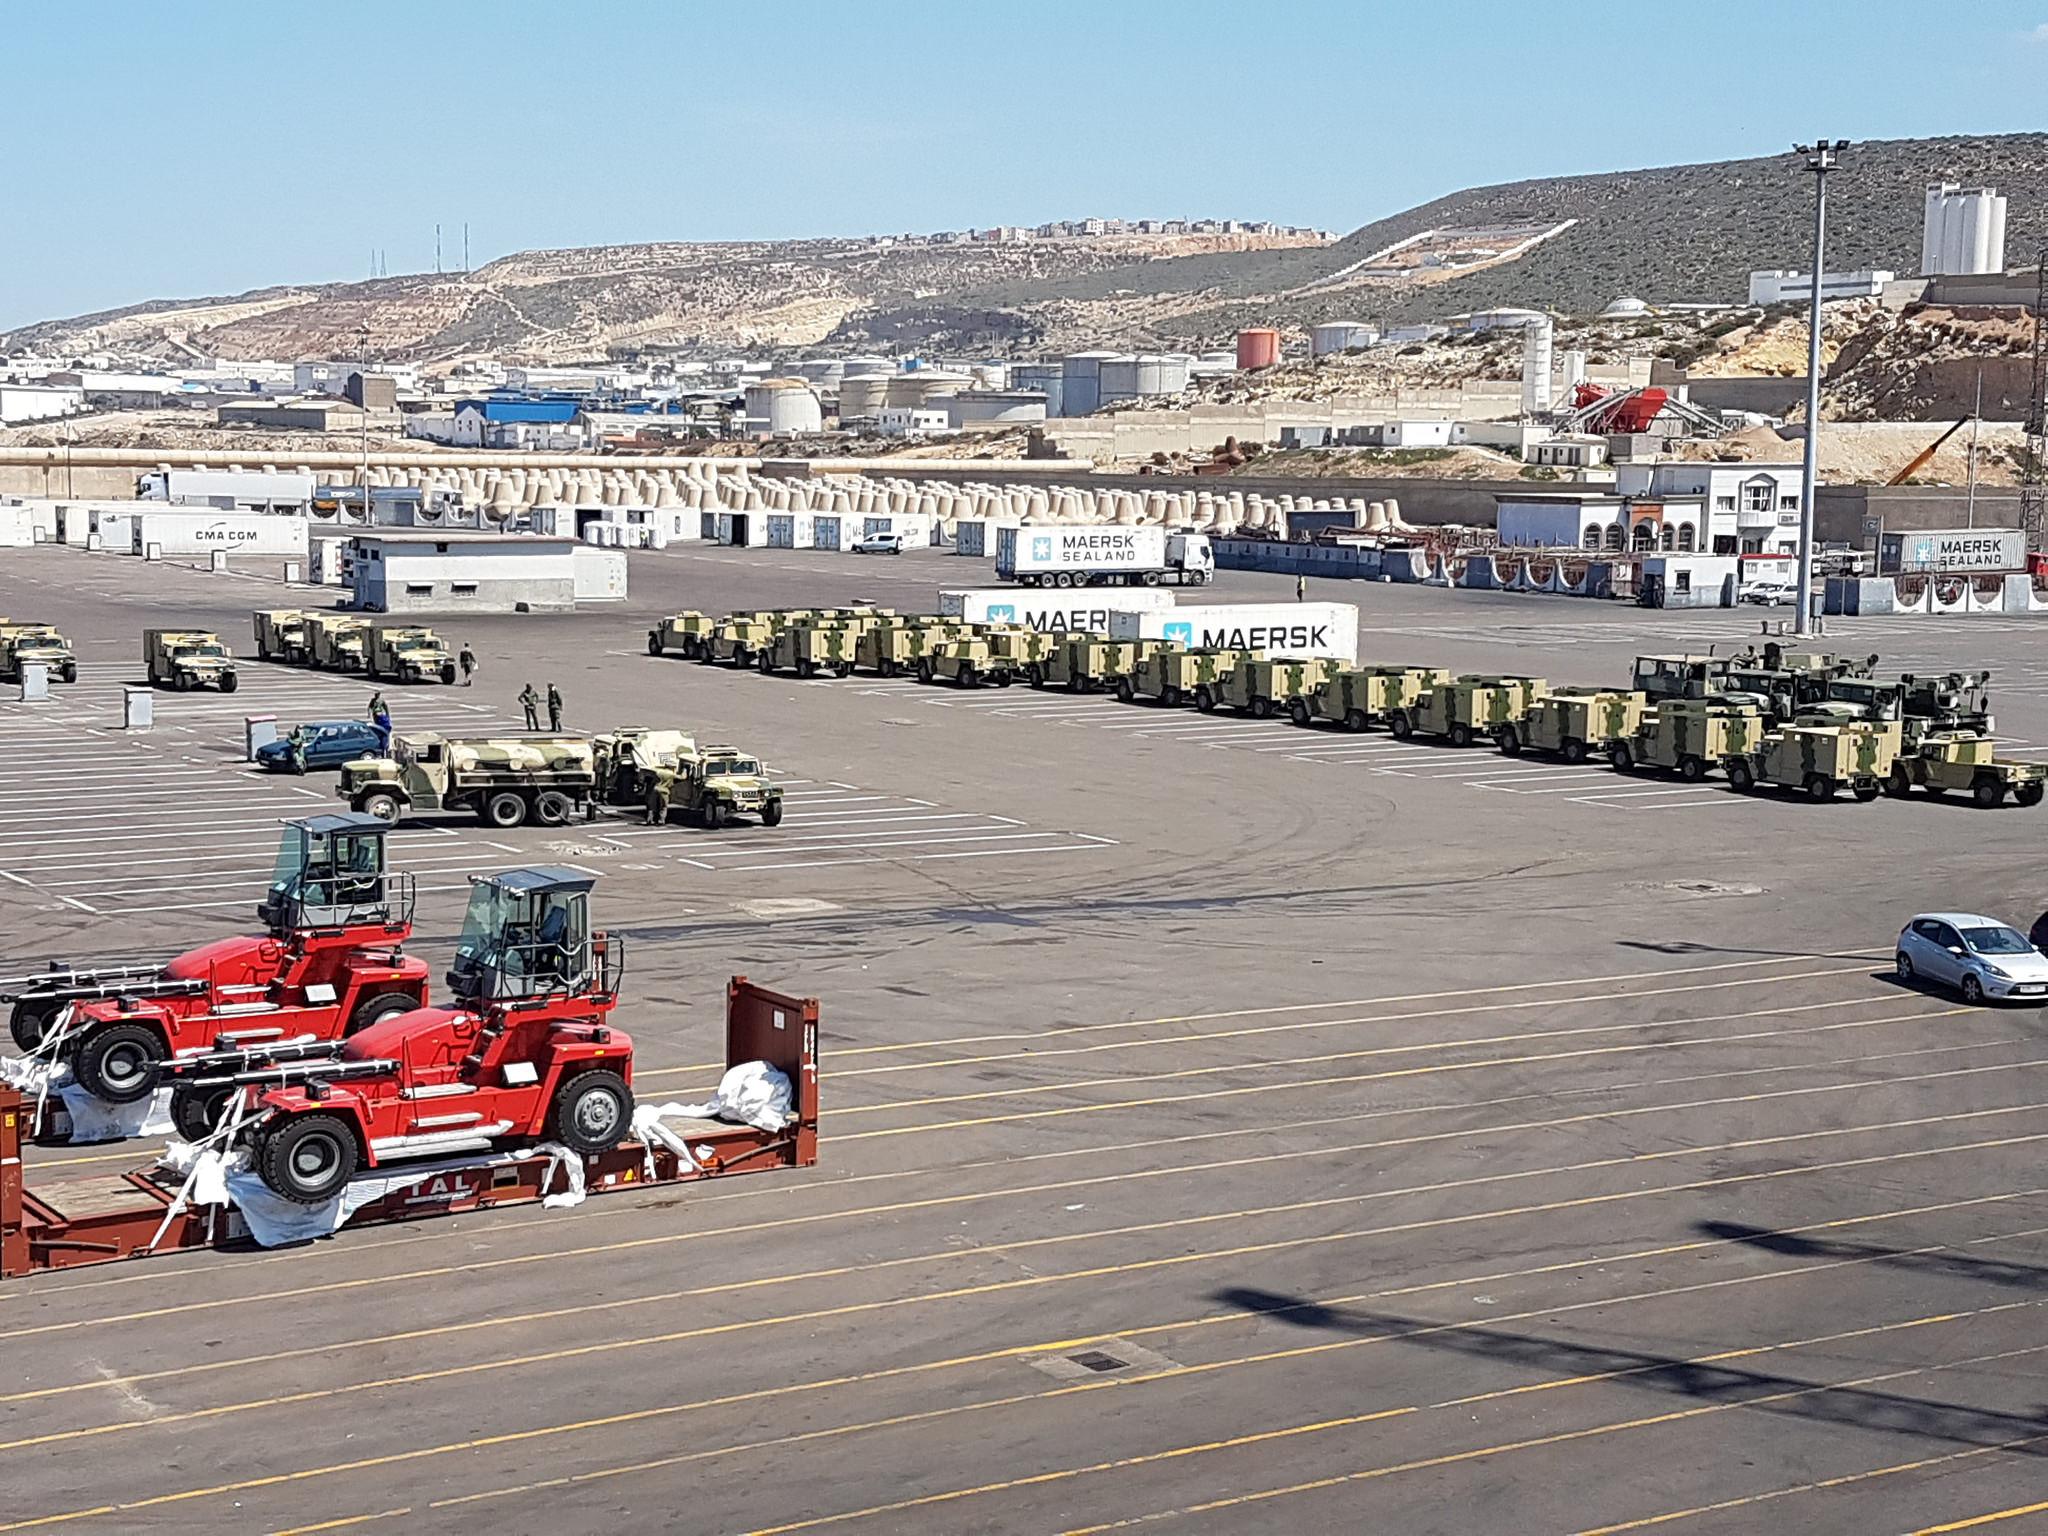 HMMWV et HMMWV Marine Armor Kit (MAK)  - Page 5 32026984294_b36031b055_o